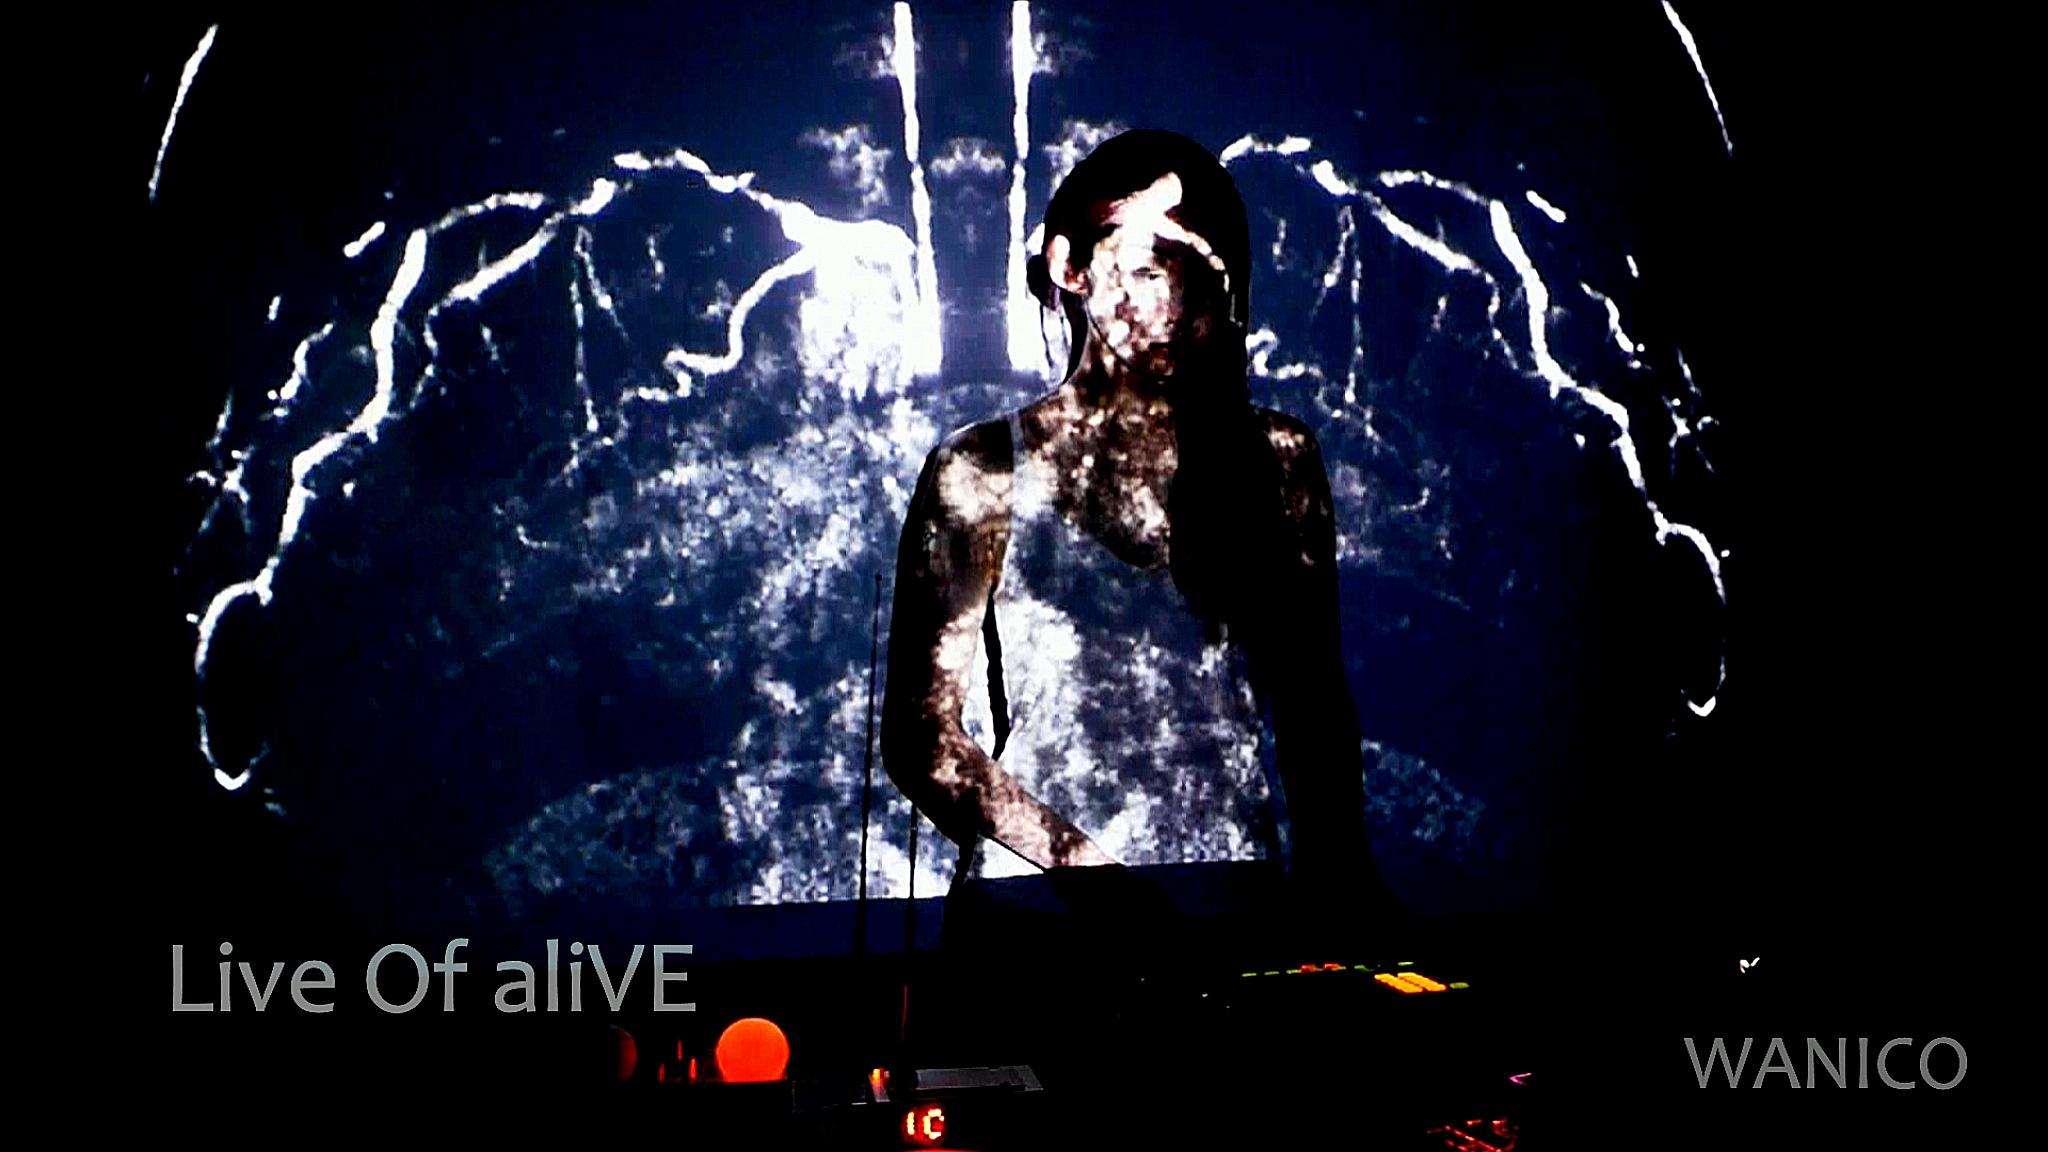 Live_Of_aliVE_WANICO